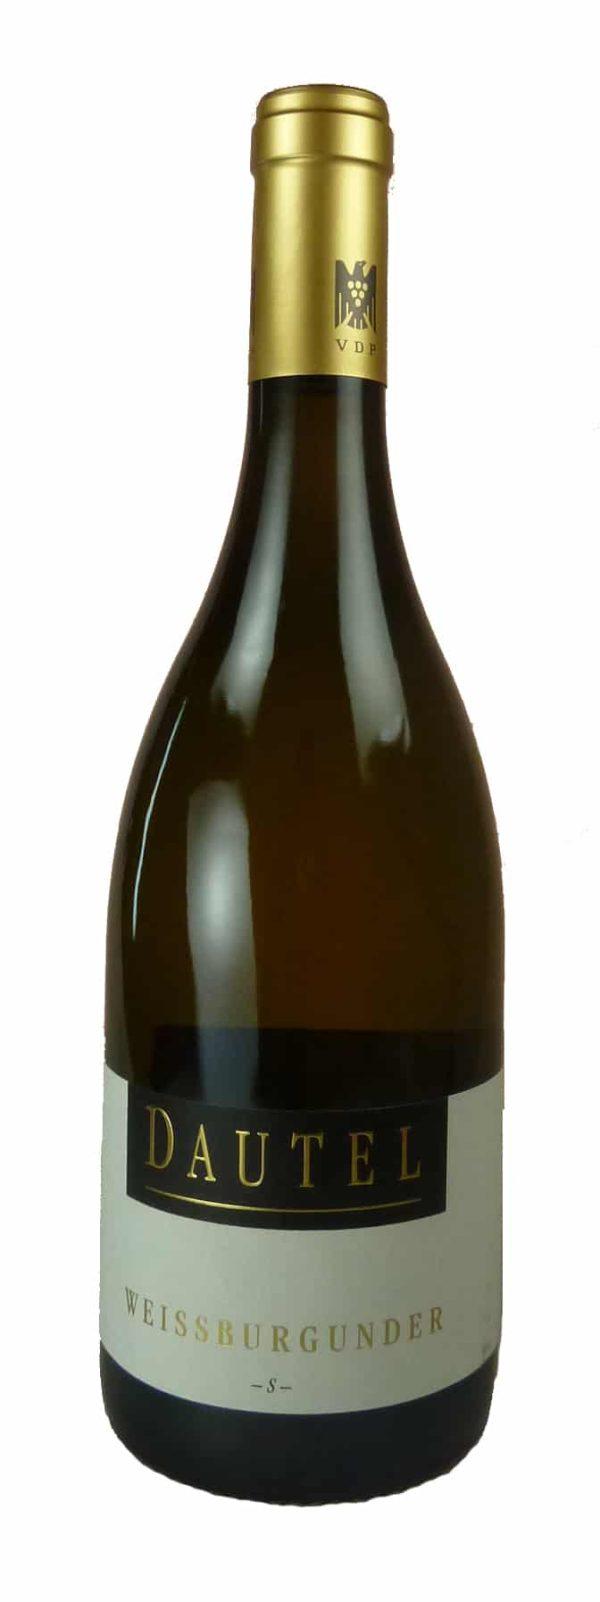 Weißburgunder -S- Qualitätswein trocken 2016